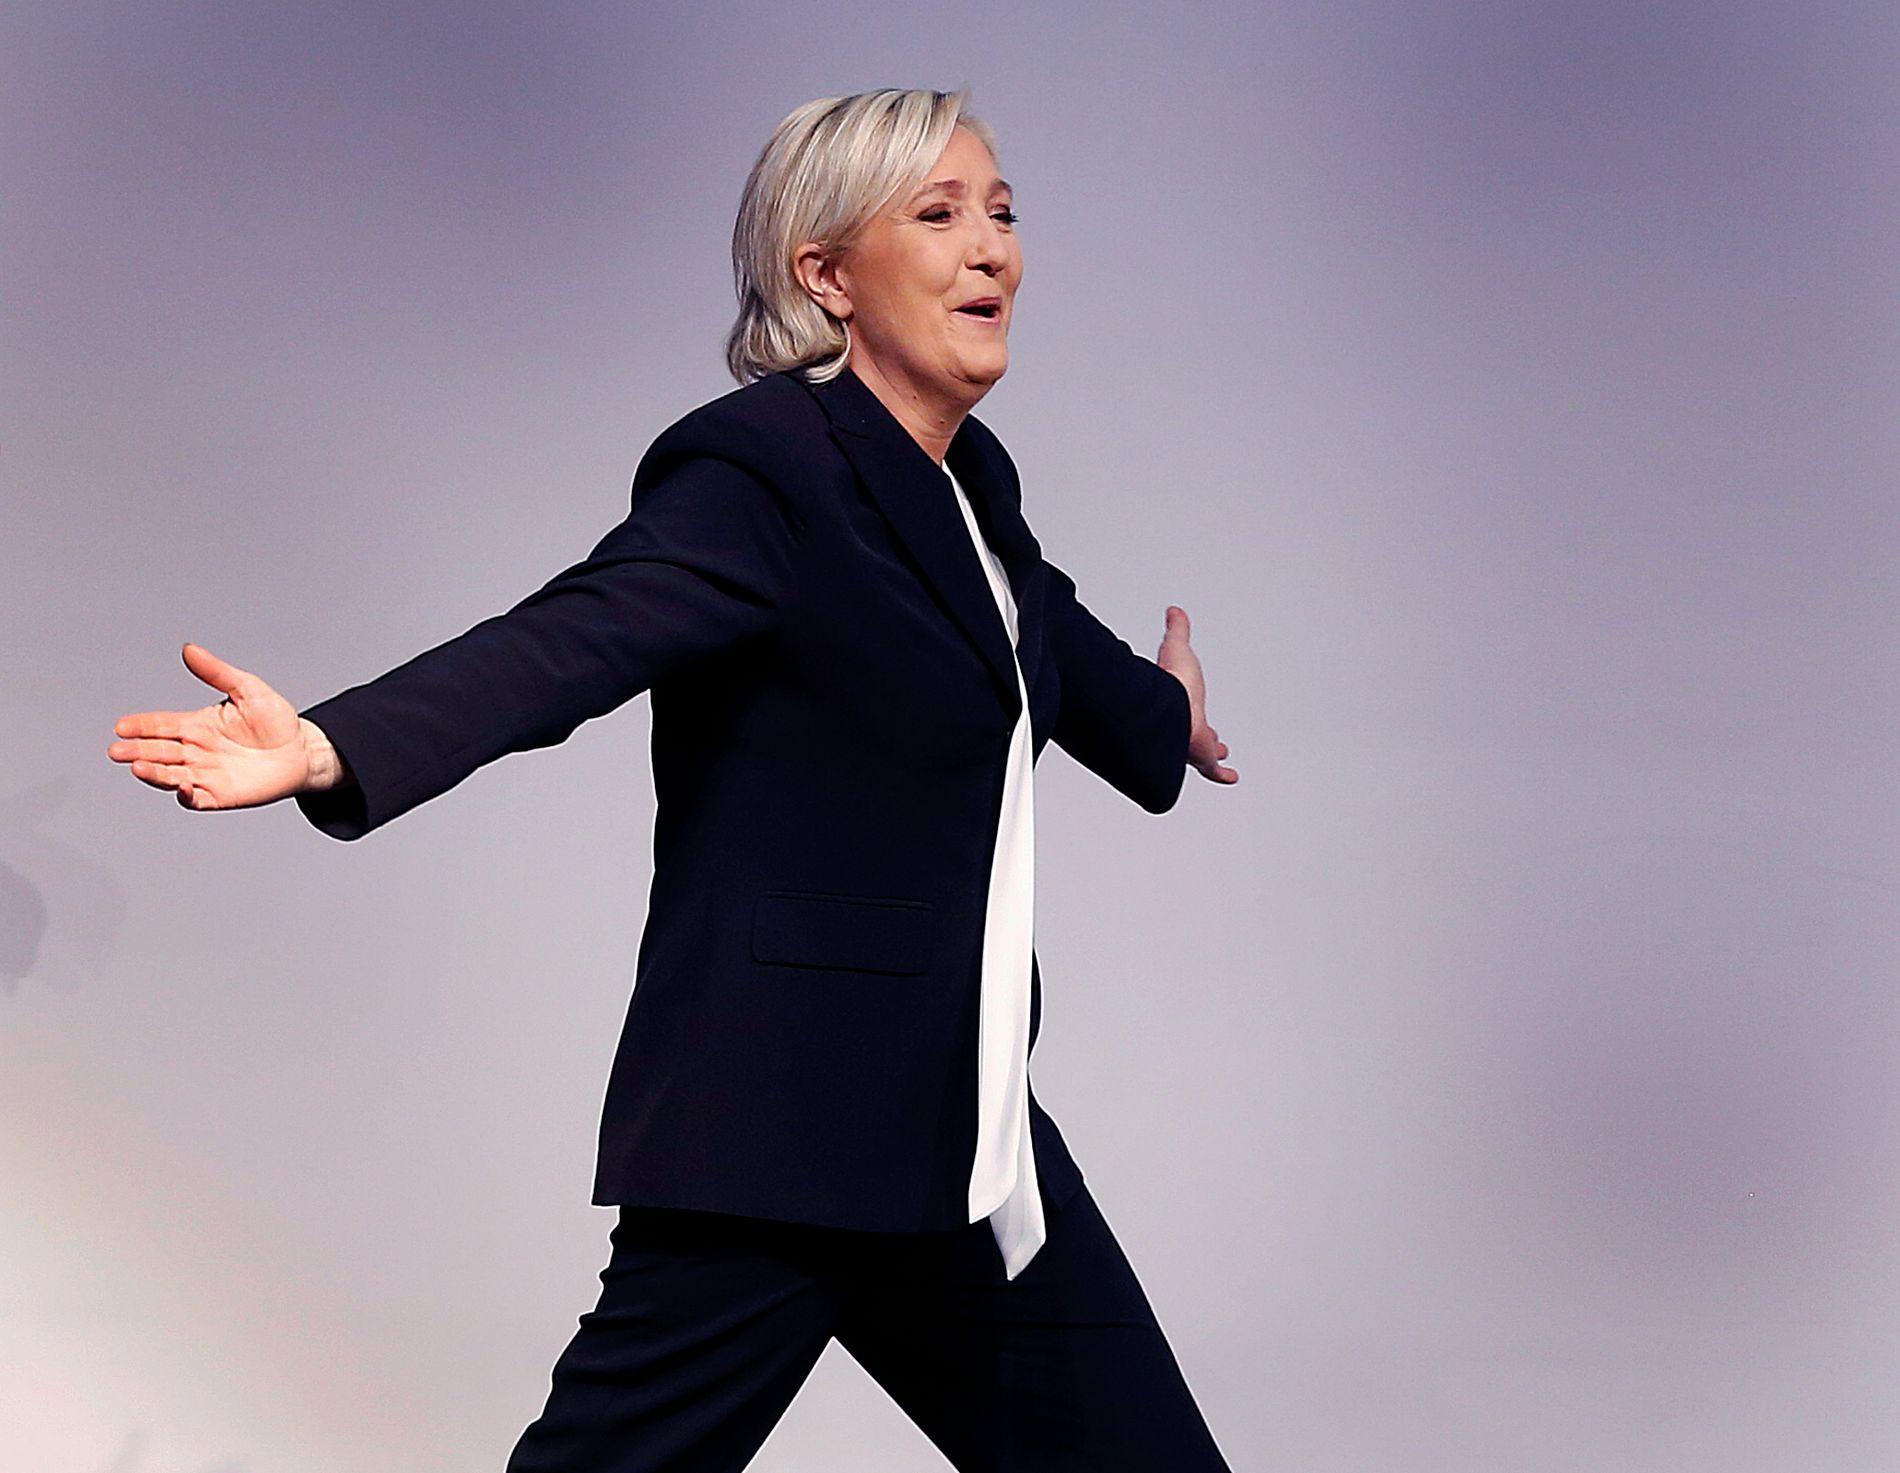 TATT IMOT SOM EN STJERNE: Ytre-høyre leder Marine Le Pen. FOTO: AP